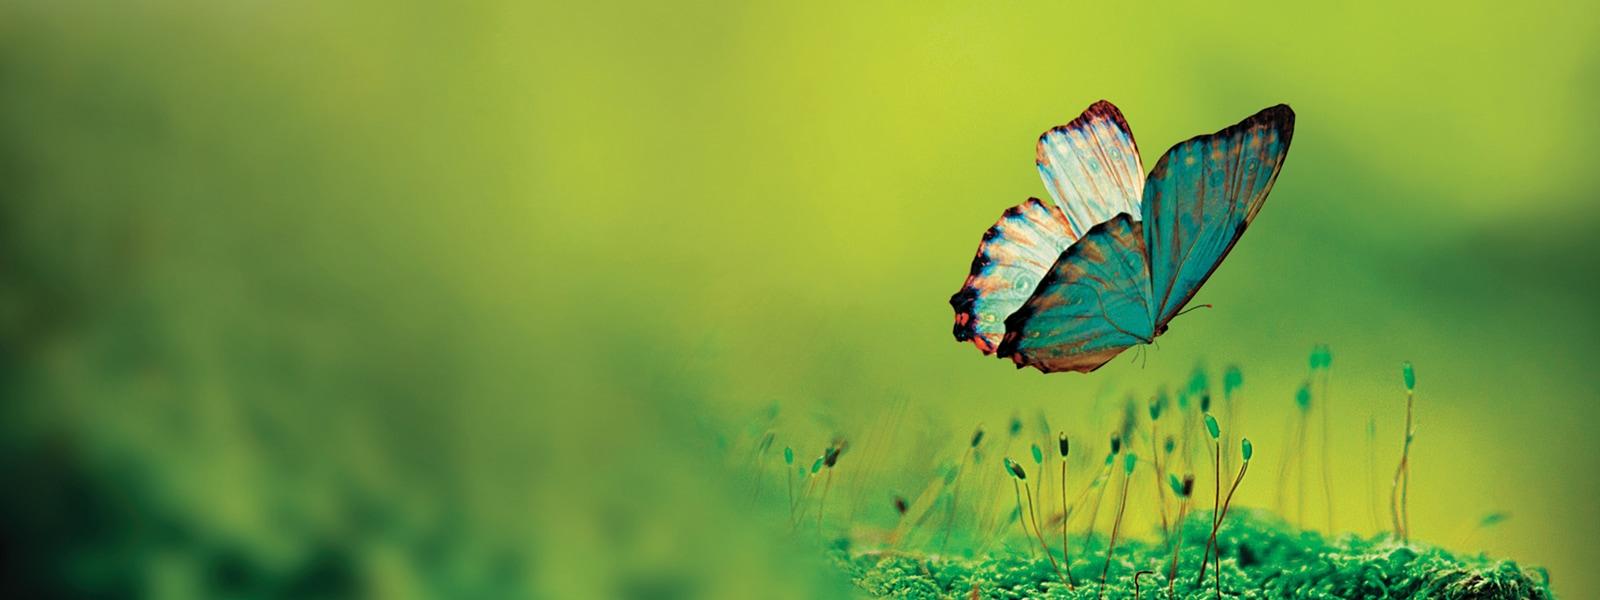 Butterfly landing on moss